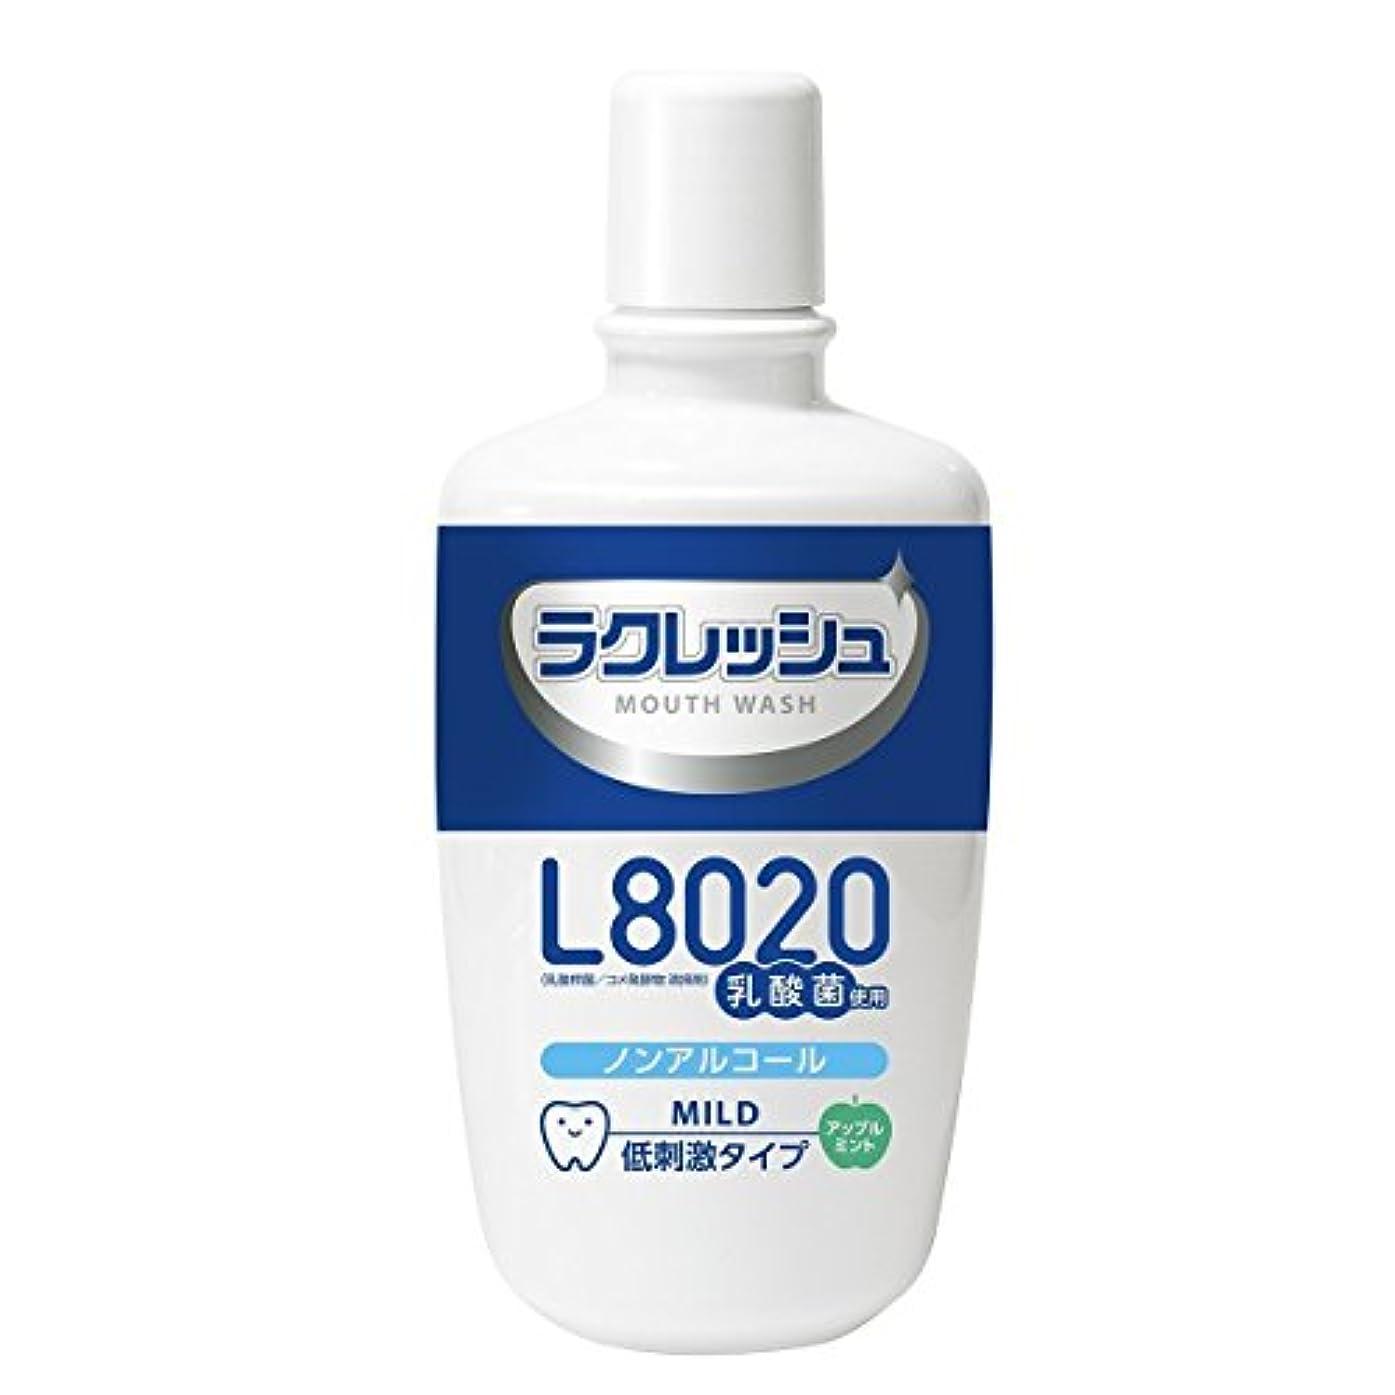 確かめる確執巻き取りラクレッシュ L8020菌使用 マウスウォッシュ ノンアルコールタイプ 300mL×15個セット